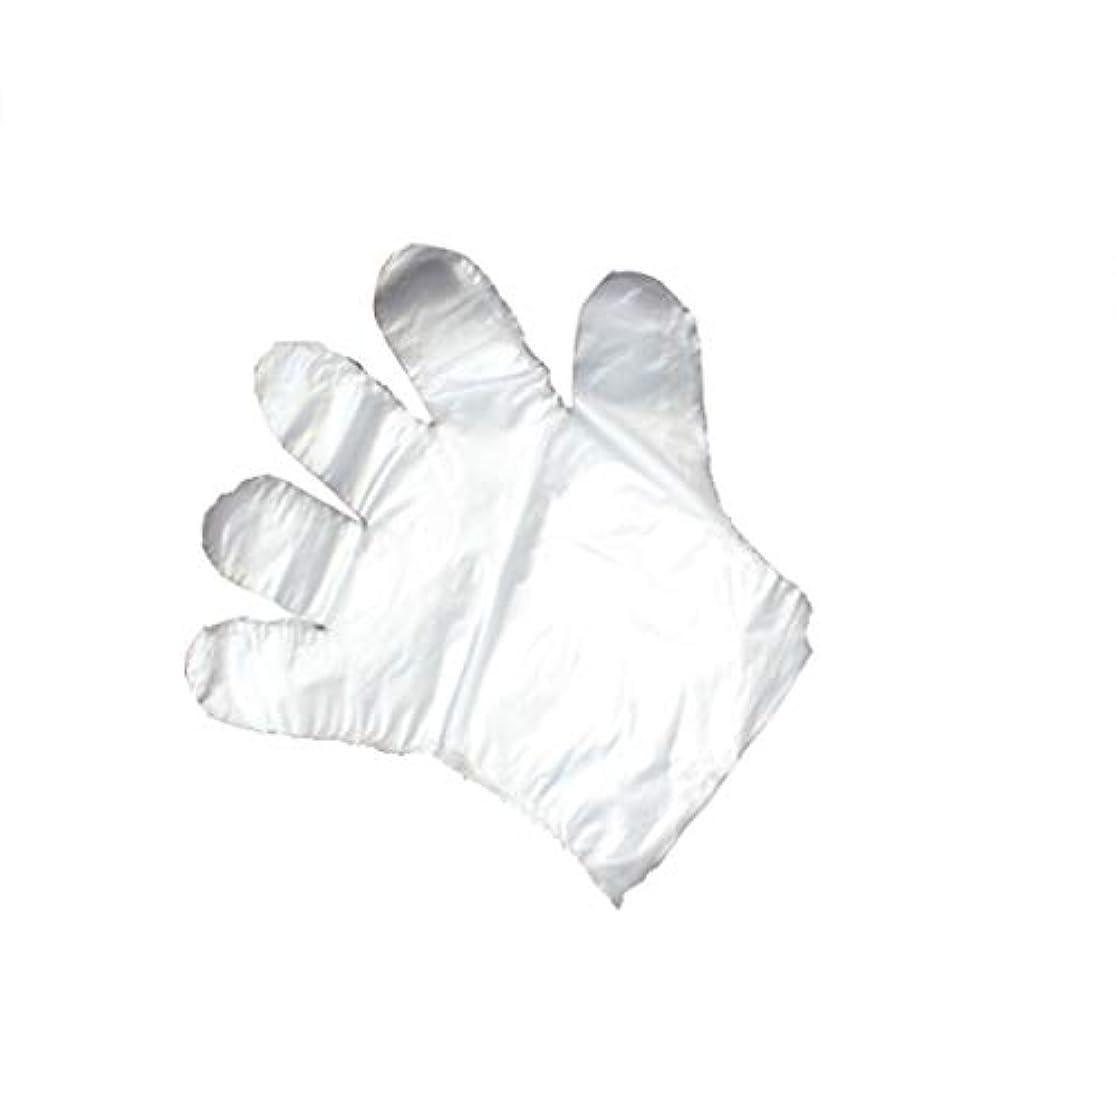 熱狂的な読み書きのできない崇拝する手袋、使い捨て手袋、透明な肥厚、美しさ、家庭掃除、手袋、白、透明、5パック、500袋。 (UnitCount : 1000)